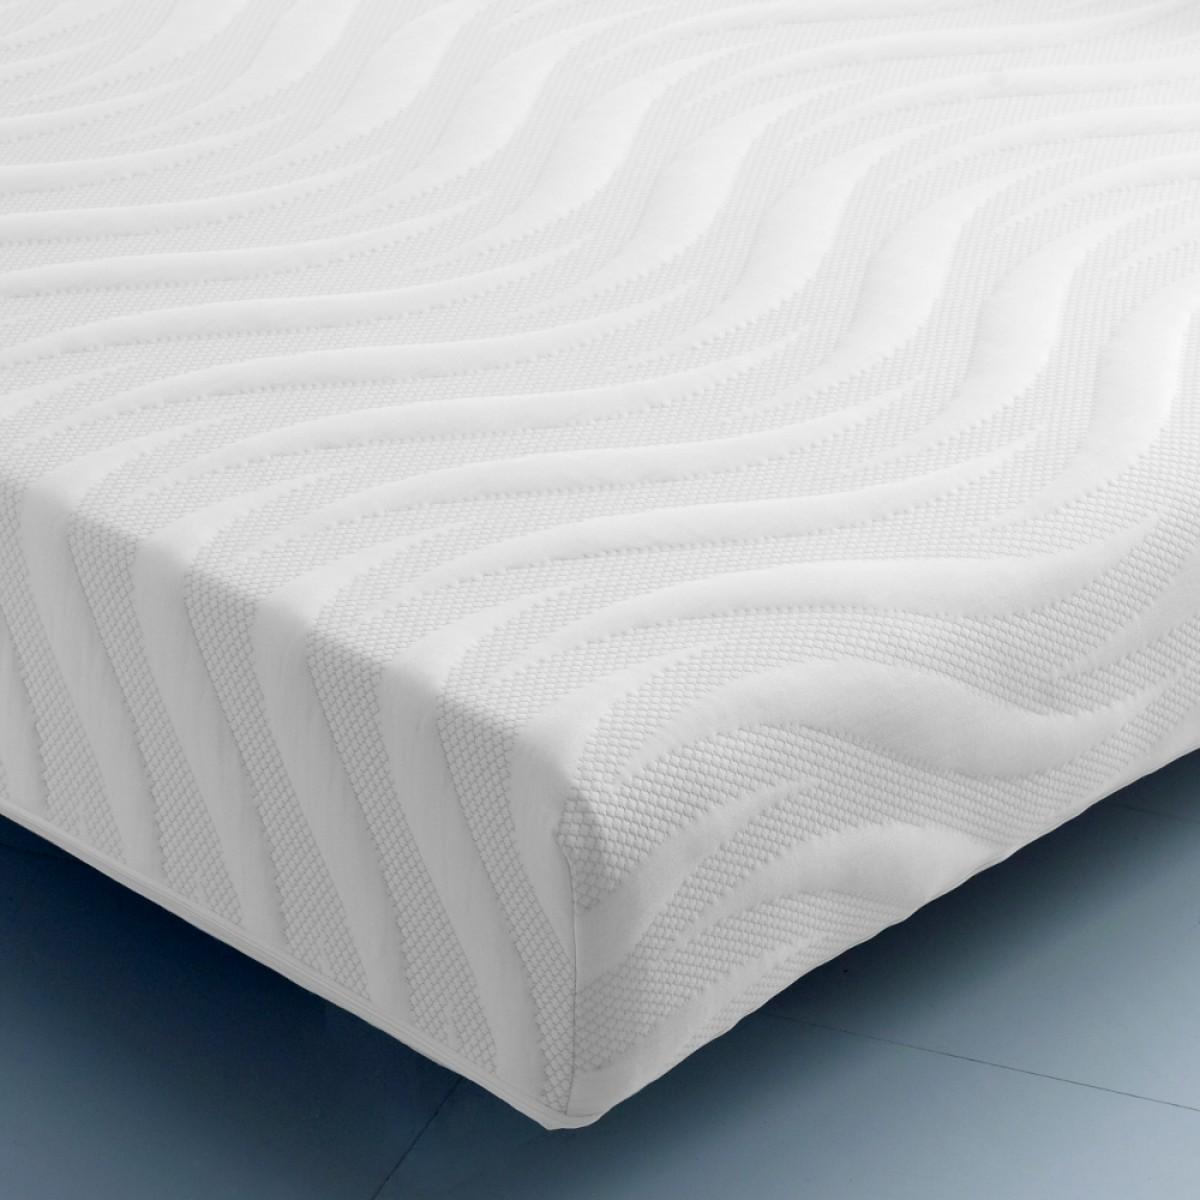 Laytech Plus Latex and Reflex Foam Orthopaedic Mattress